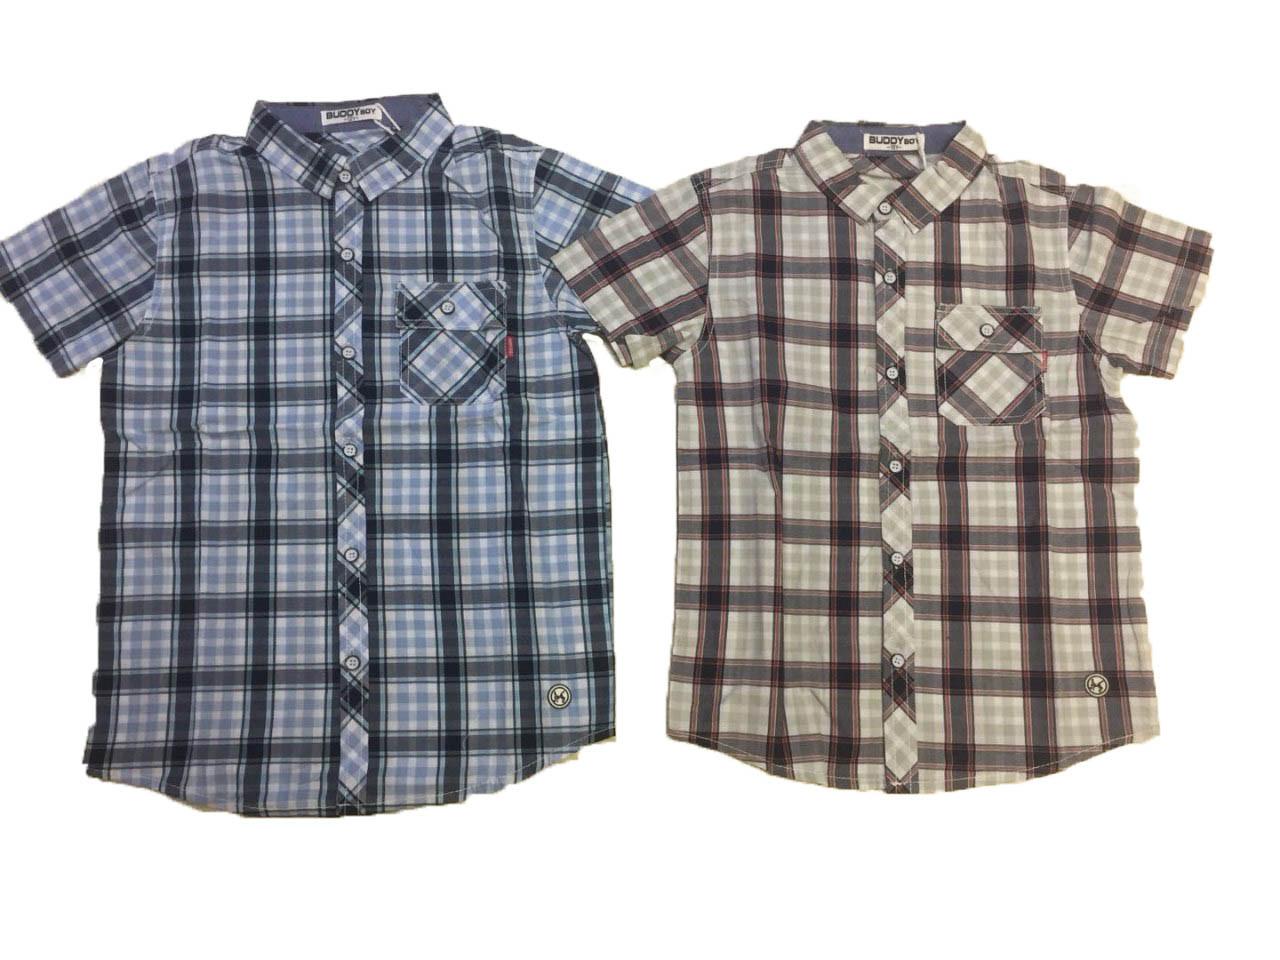 Рубашка для мальчика опт, Buddy Boy, размеры 6-16 лет, арт. 5566